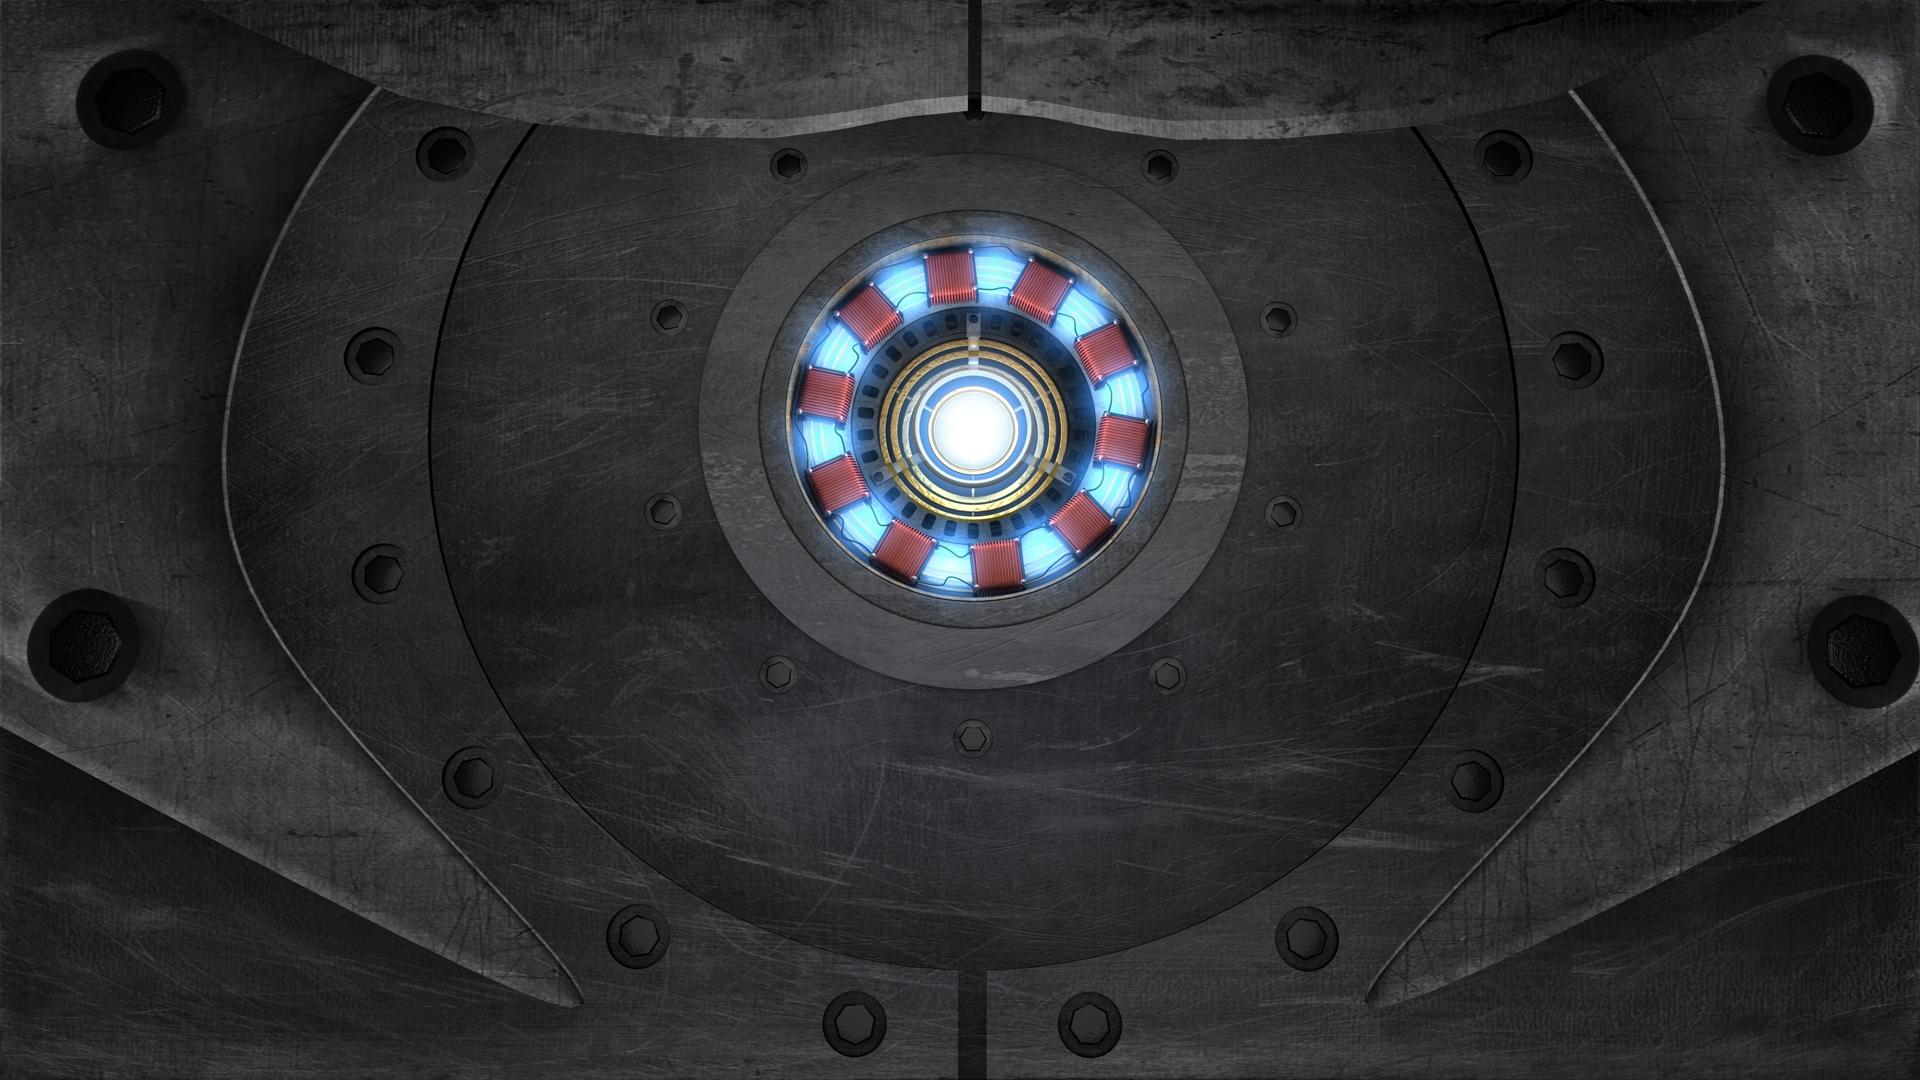 Ironman Arc Reactor Wallpaper Hd Ironman arc re 1920x1080